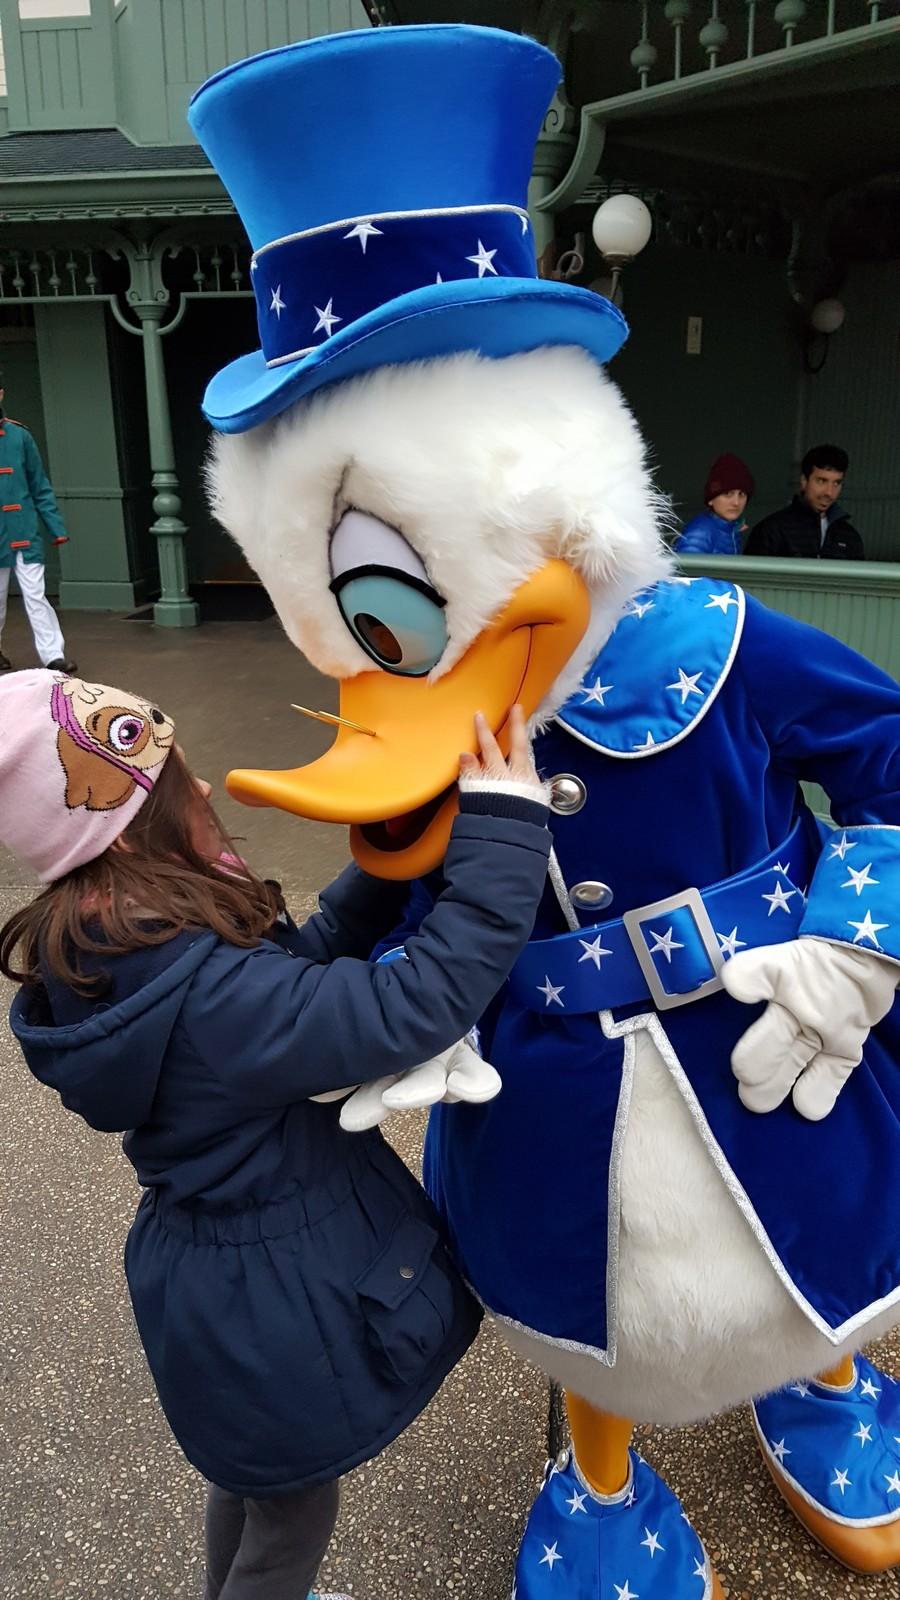 Quel(s) personnage(s) aimeriez-vous ou n'avez-vous jamais rencontré à DLP? - Page 10 Disney12